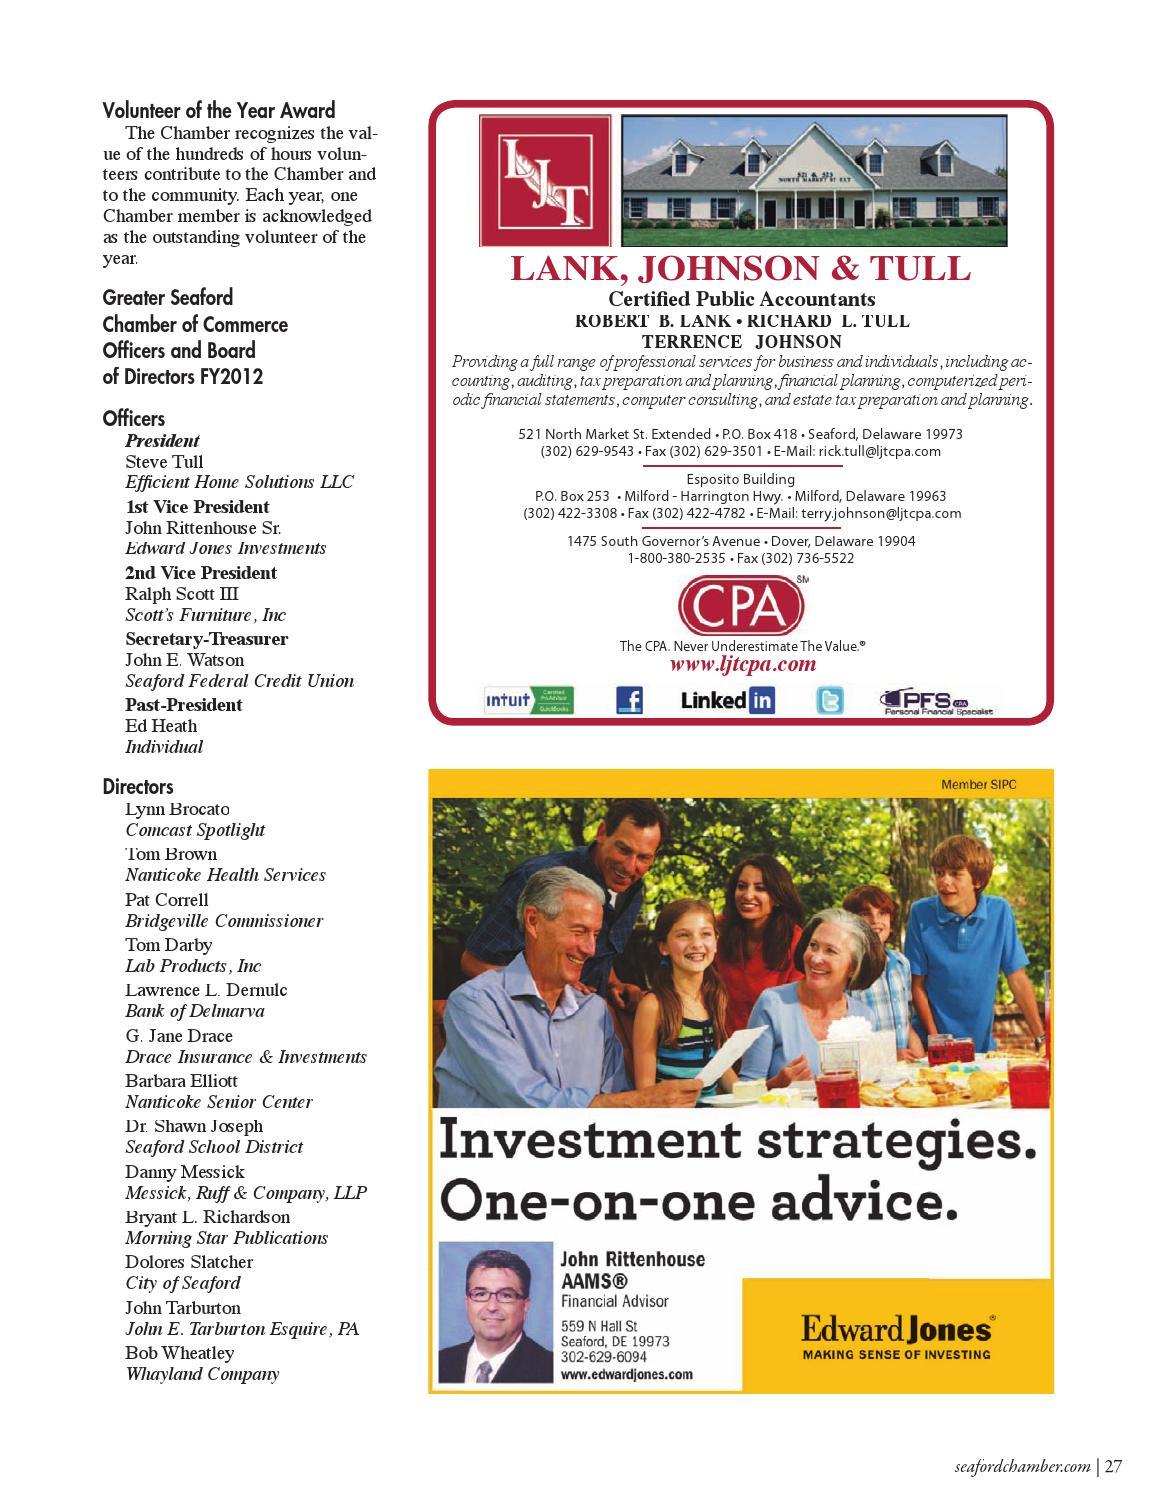 Seafordbook2013w by Morning Star Publications - issuu